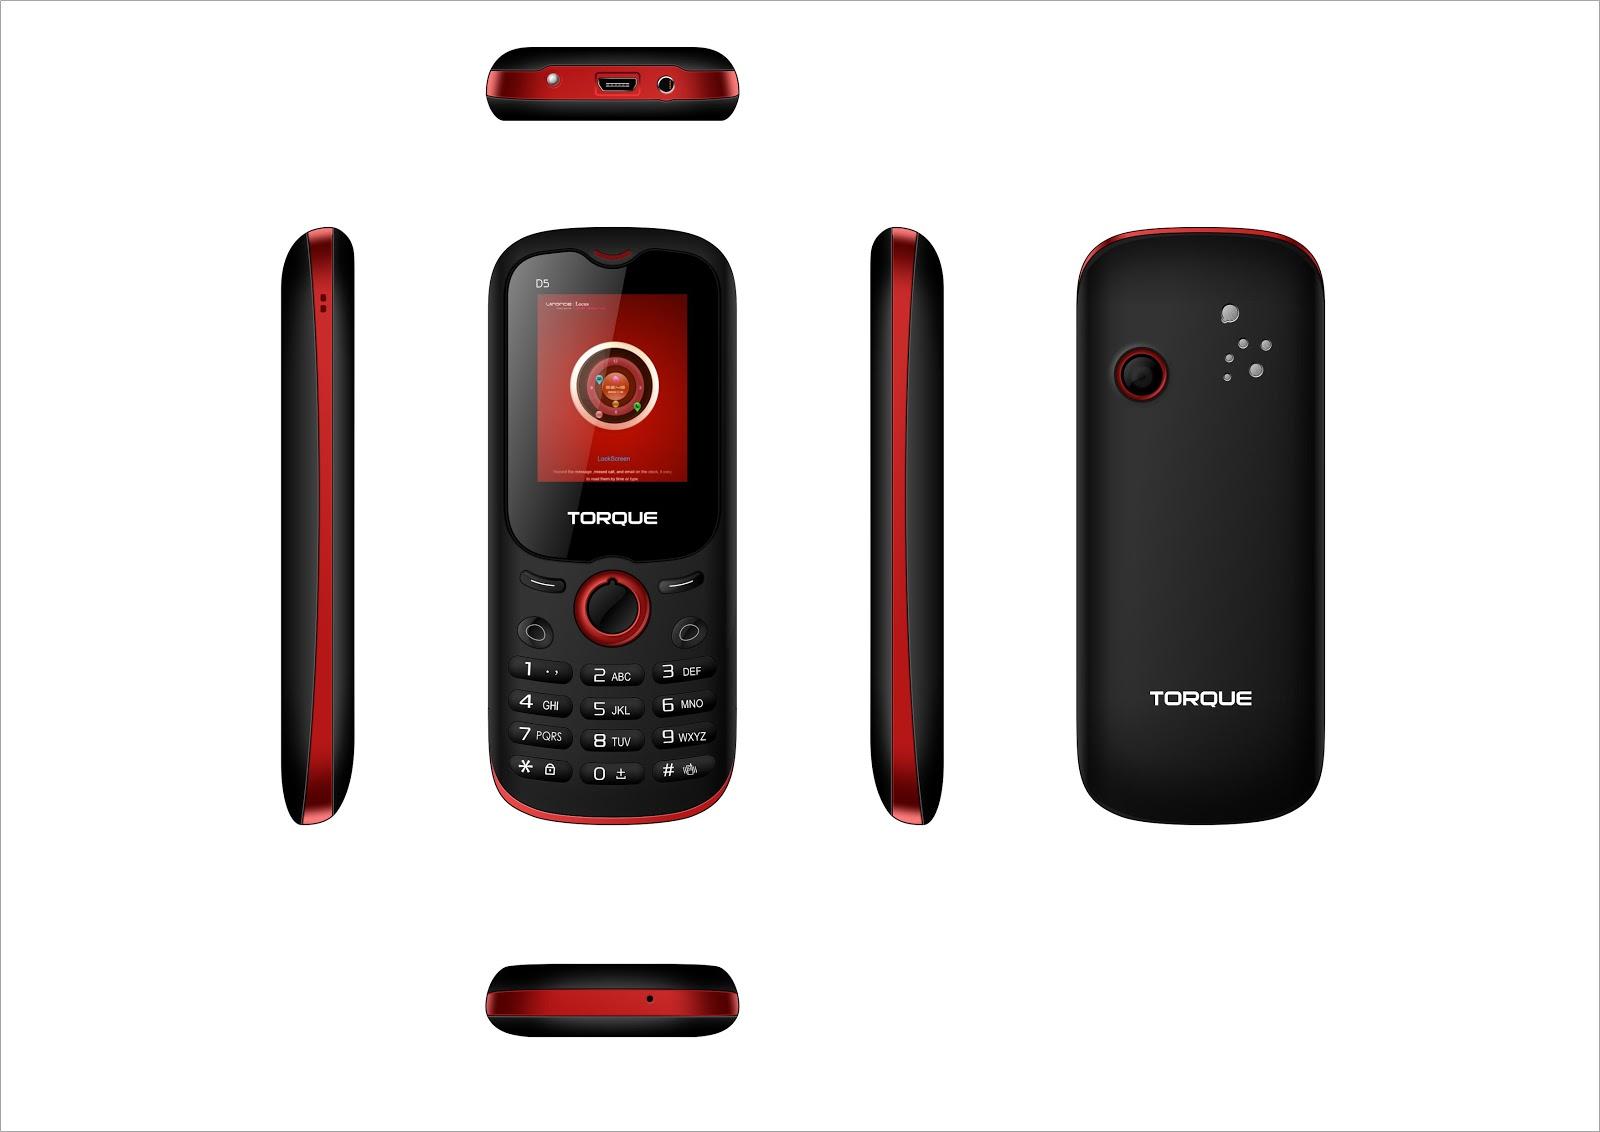 http://2.bp.blogspot.com/-U4I478f4XAc/UMvsRBxL-yI/AAAAAAAANH4/KxWnp3rqhzc/s1600/D5+Chic+Red.jpg